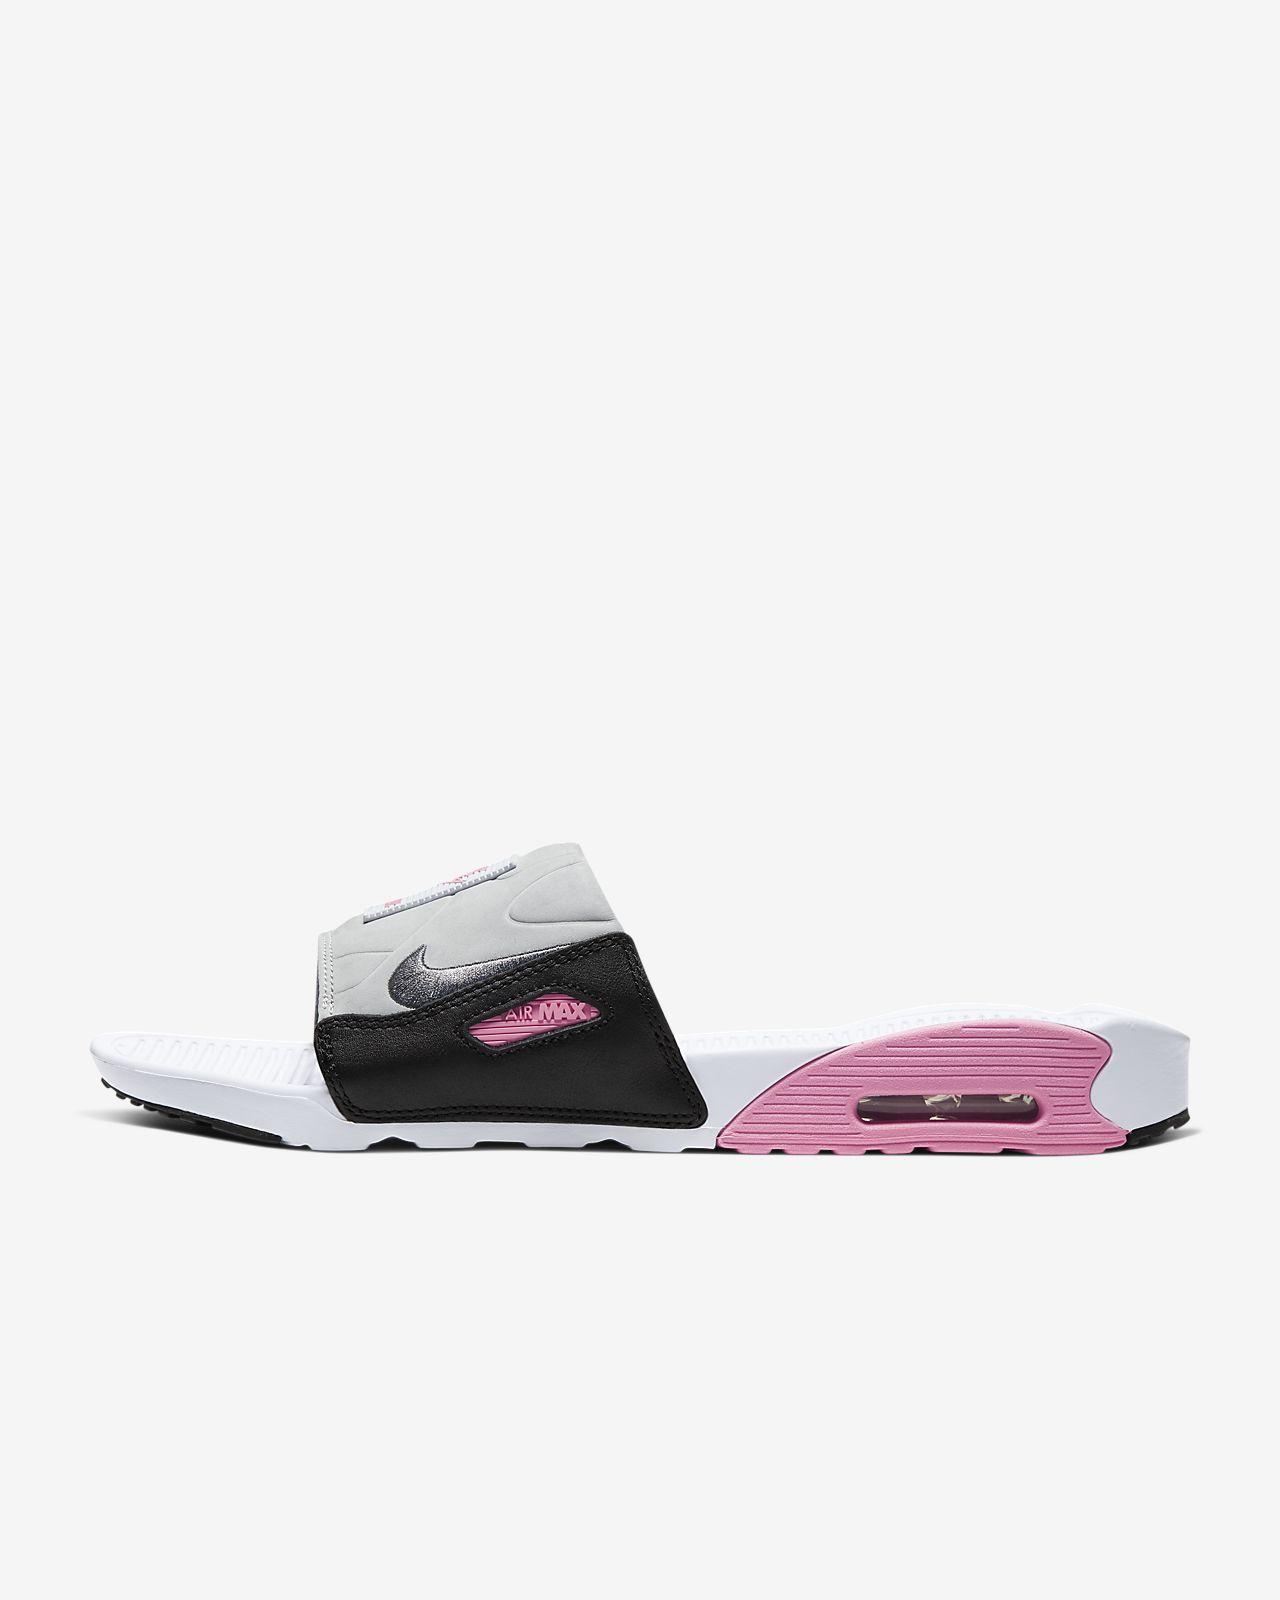 Chancla para hombre Nike Air Max 90